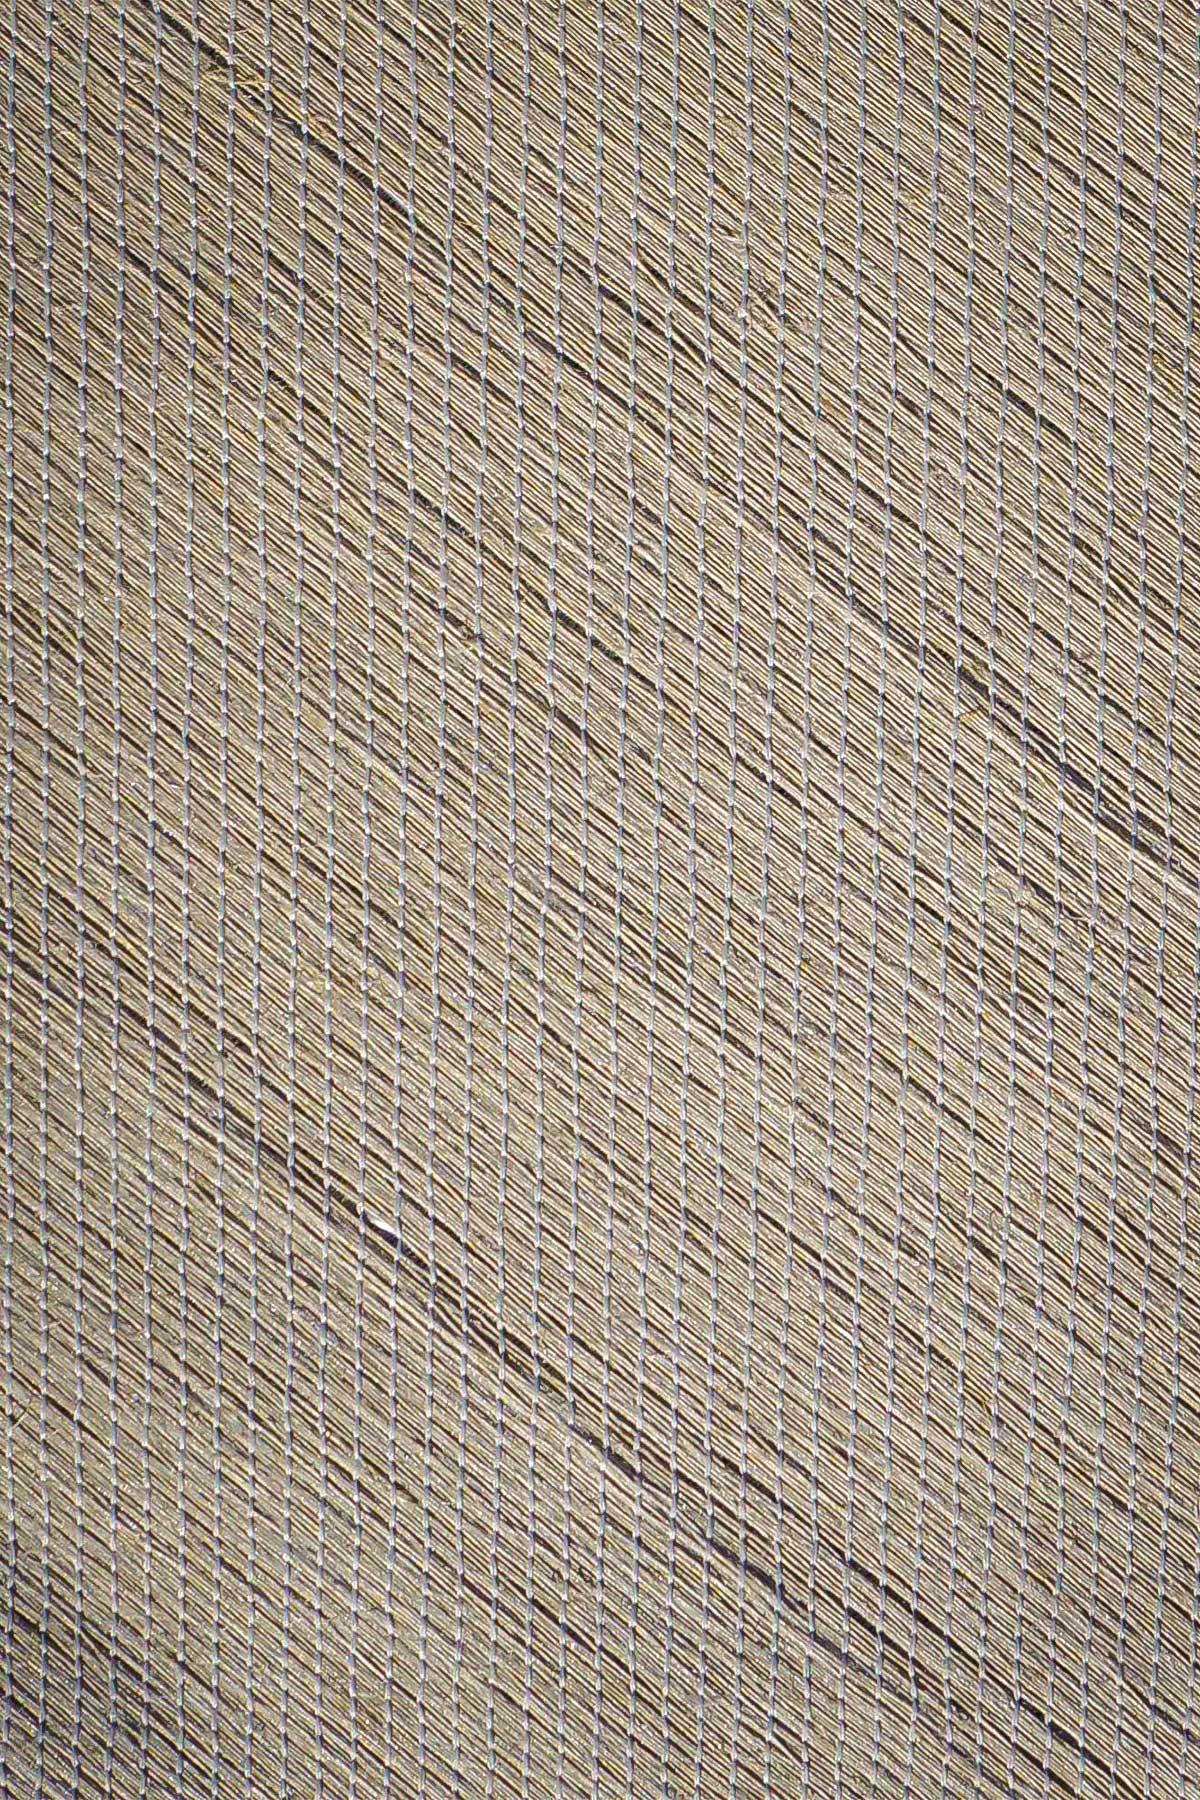 Tissu en Fibres de Lin bi-axial 350 g/m² – largeur 31 cm, vendu au mètre linéaire